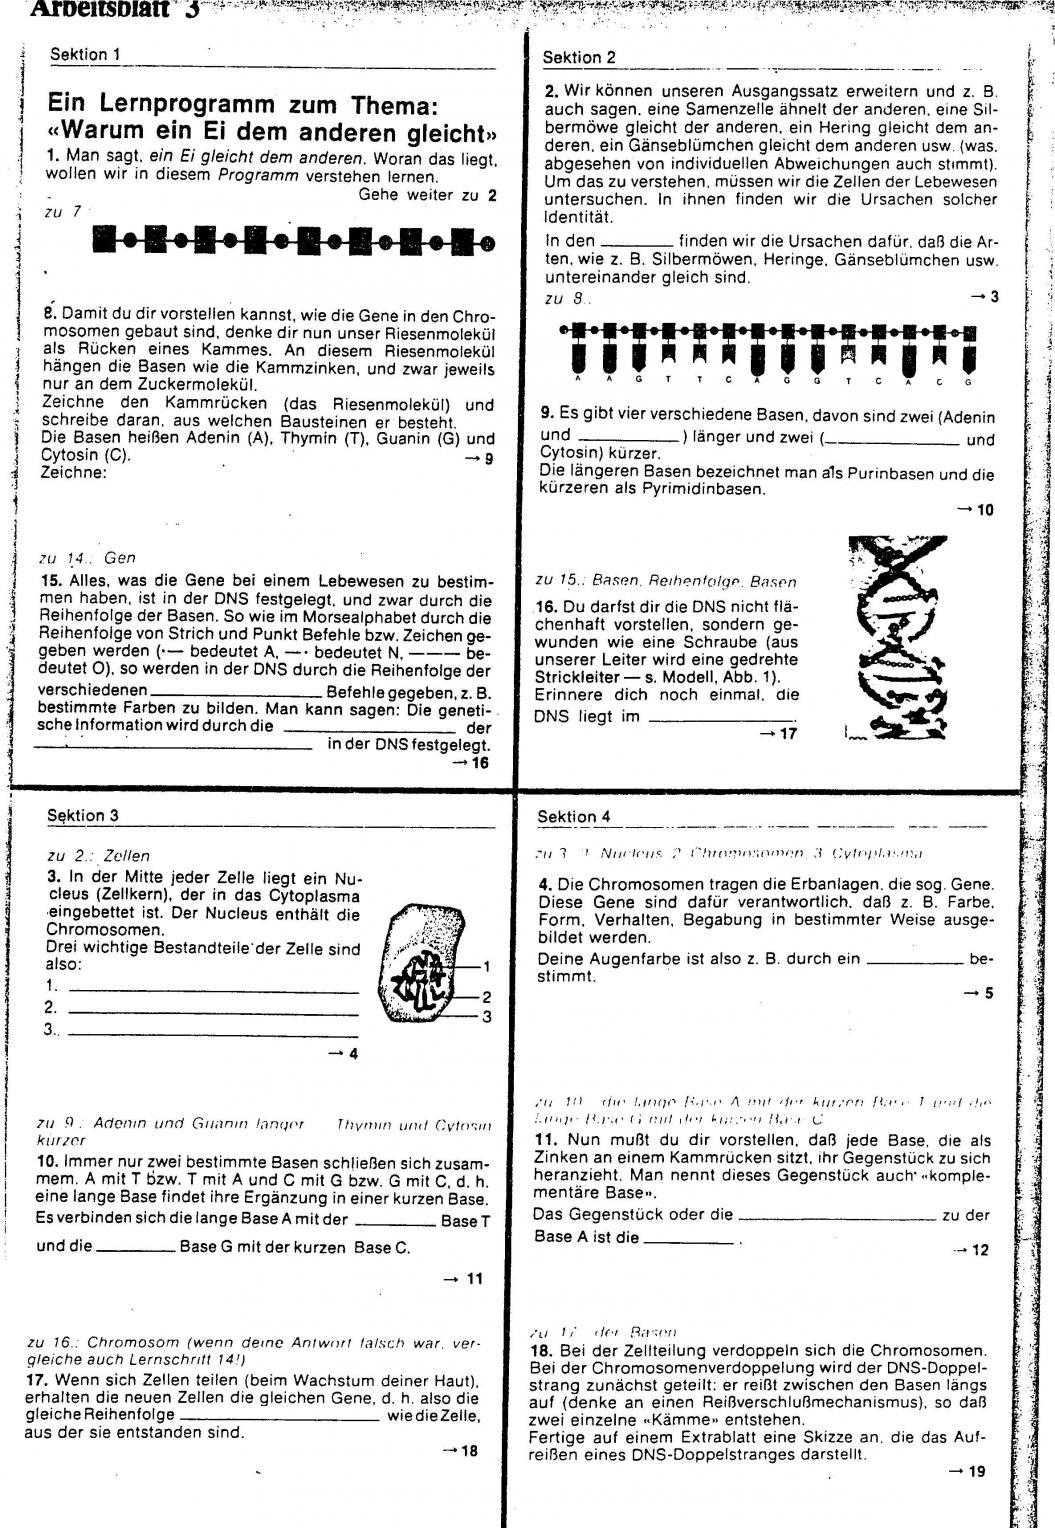 Mündliche Prüfung in Bio | ComputerBase Forum